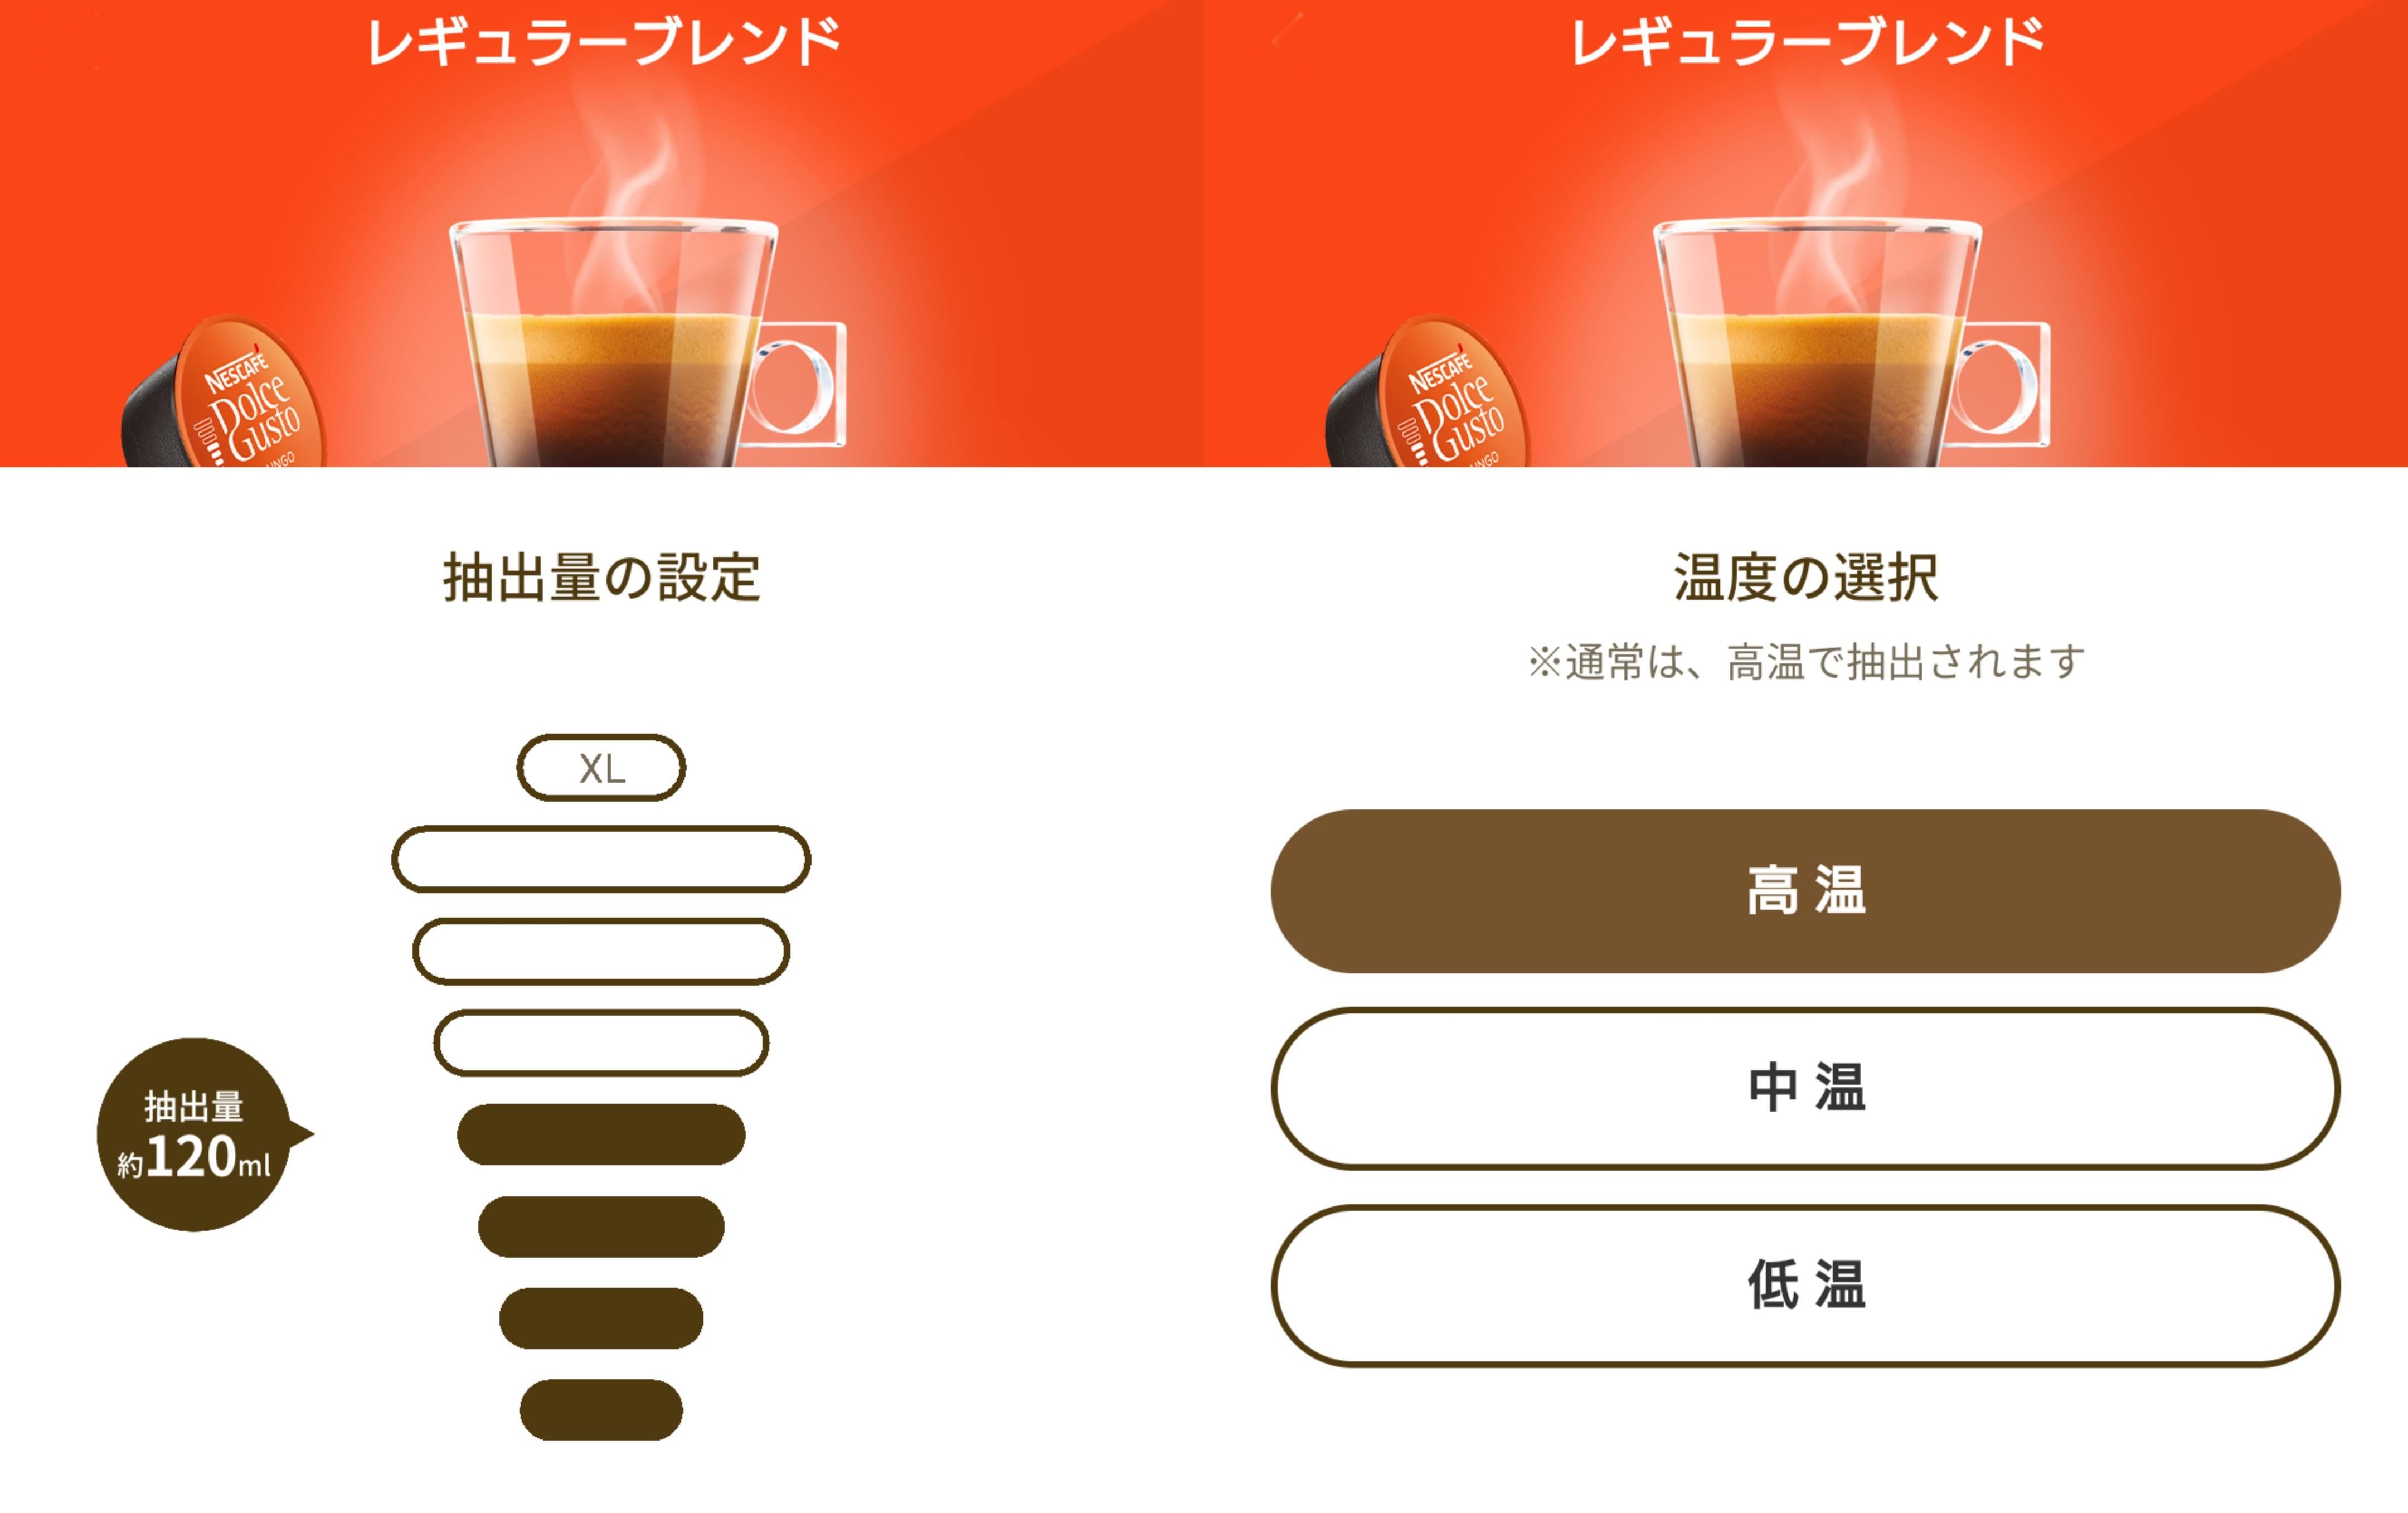 ネスカフェスマホアプリ